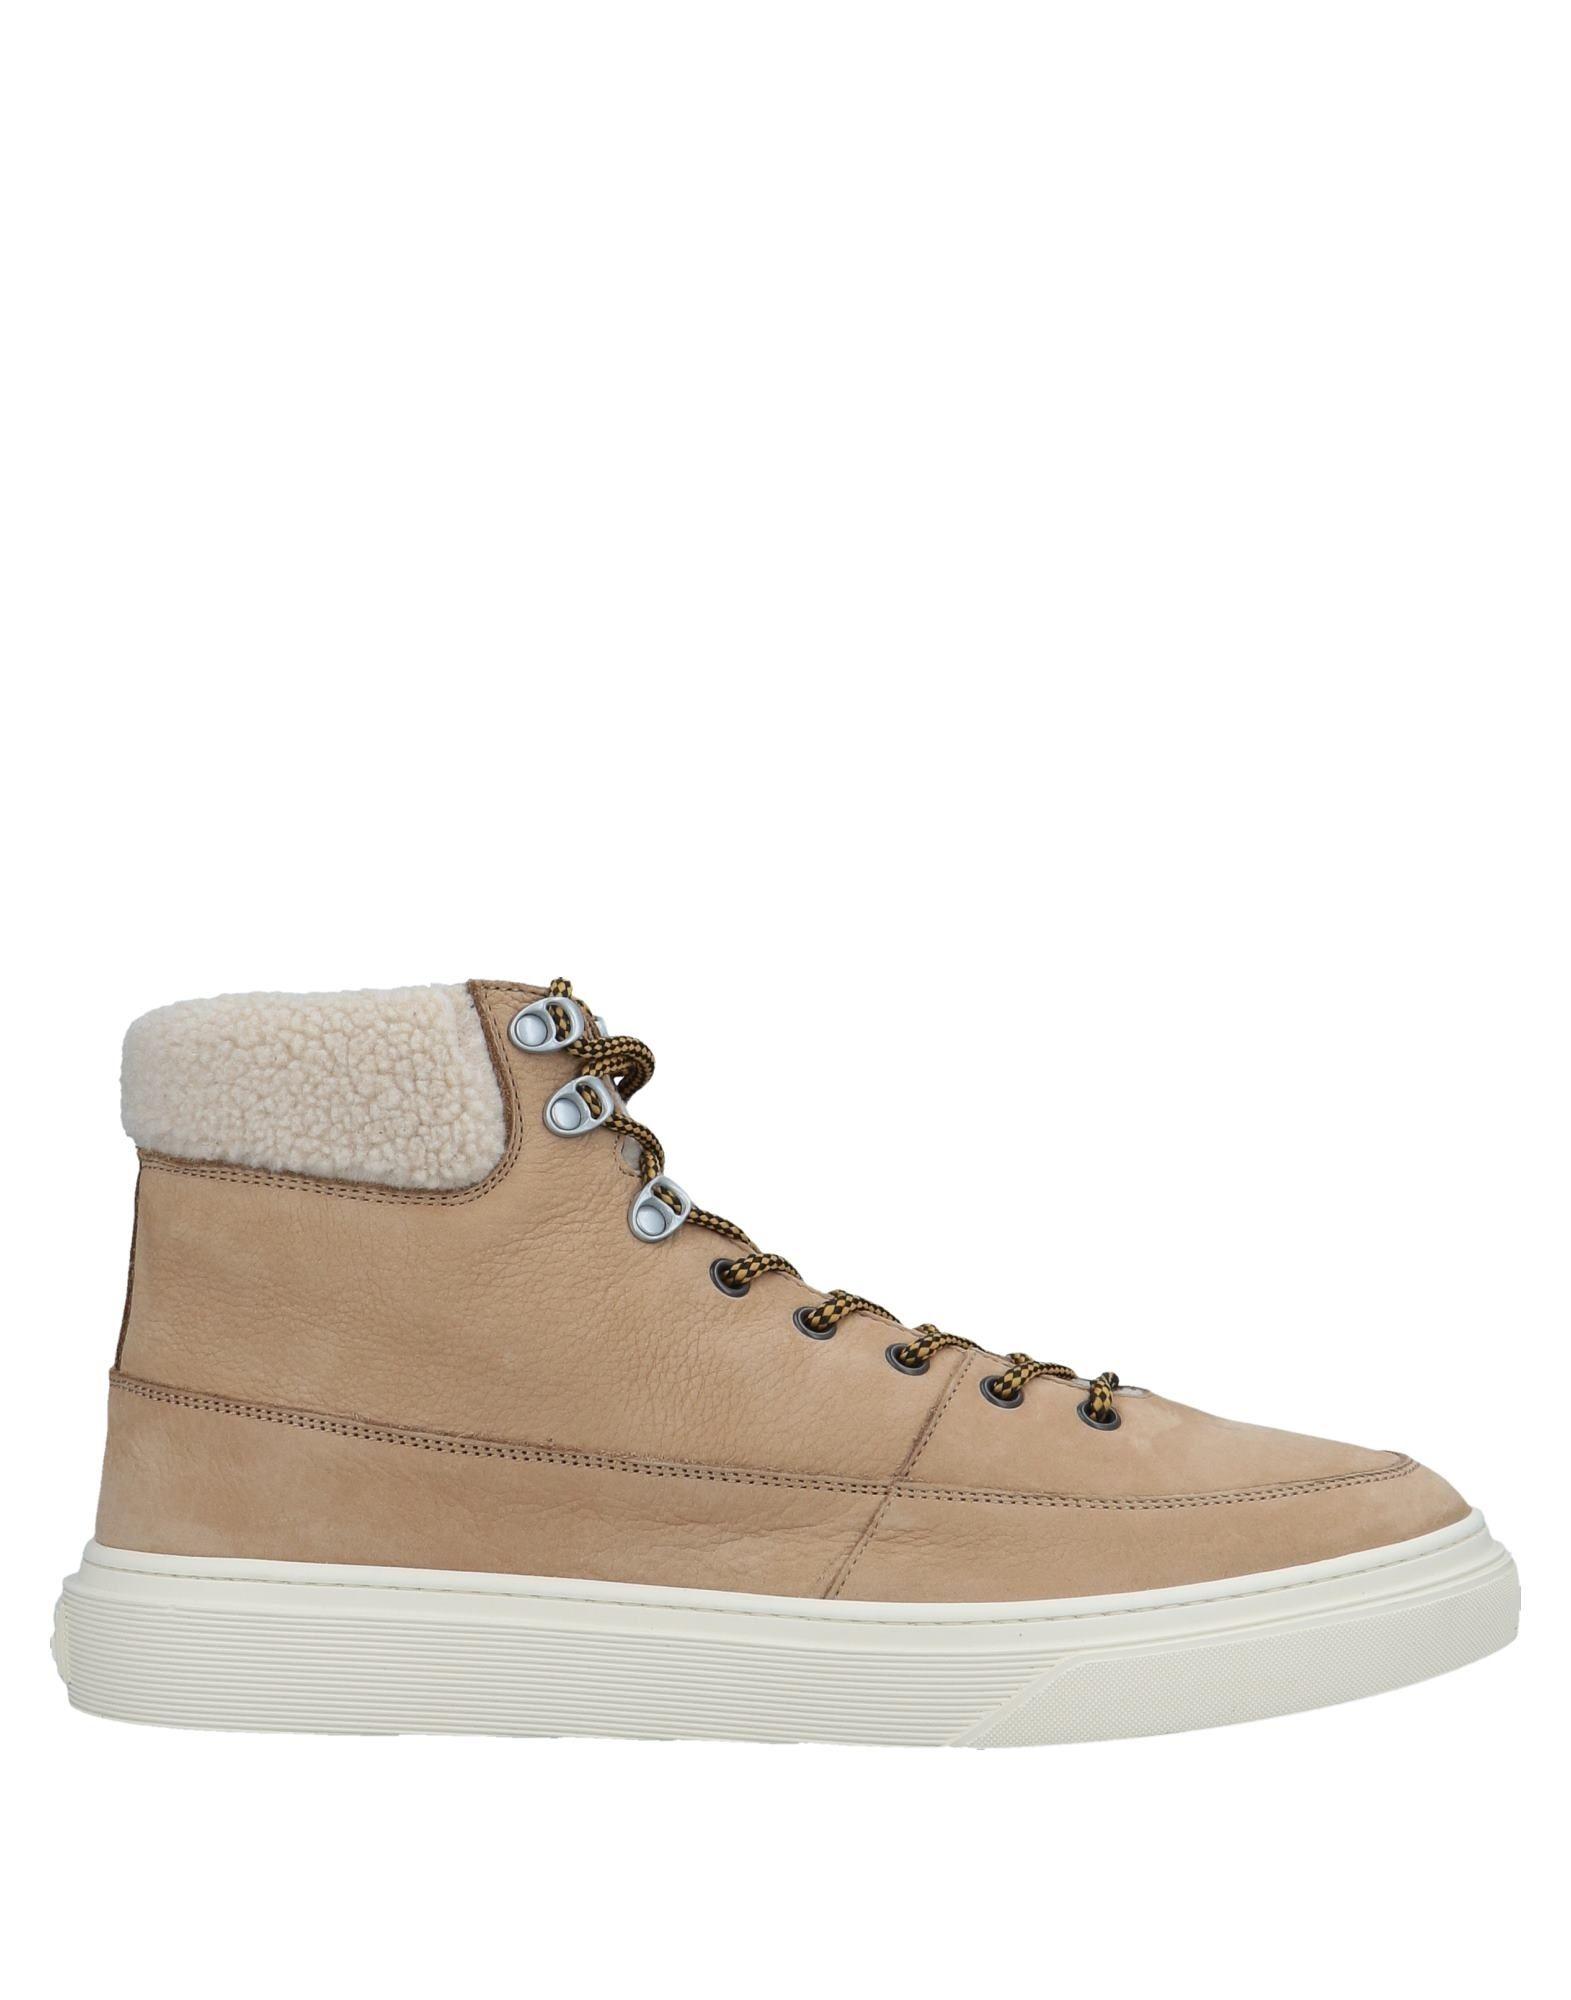 Hogan Stiefelette Herren  beliebte 11560043VB Gute Qualität beliebte  Schuhe f1f197